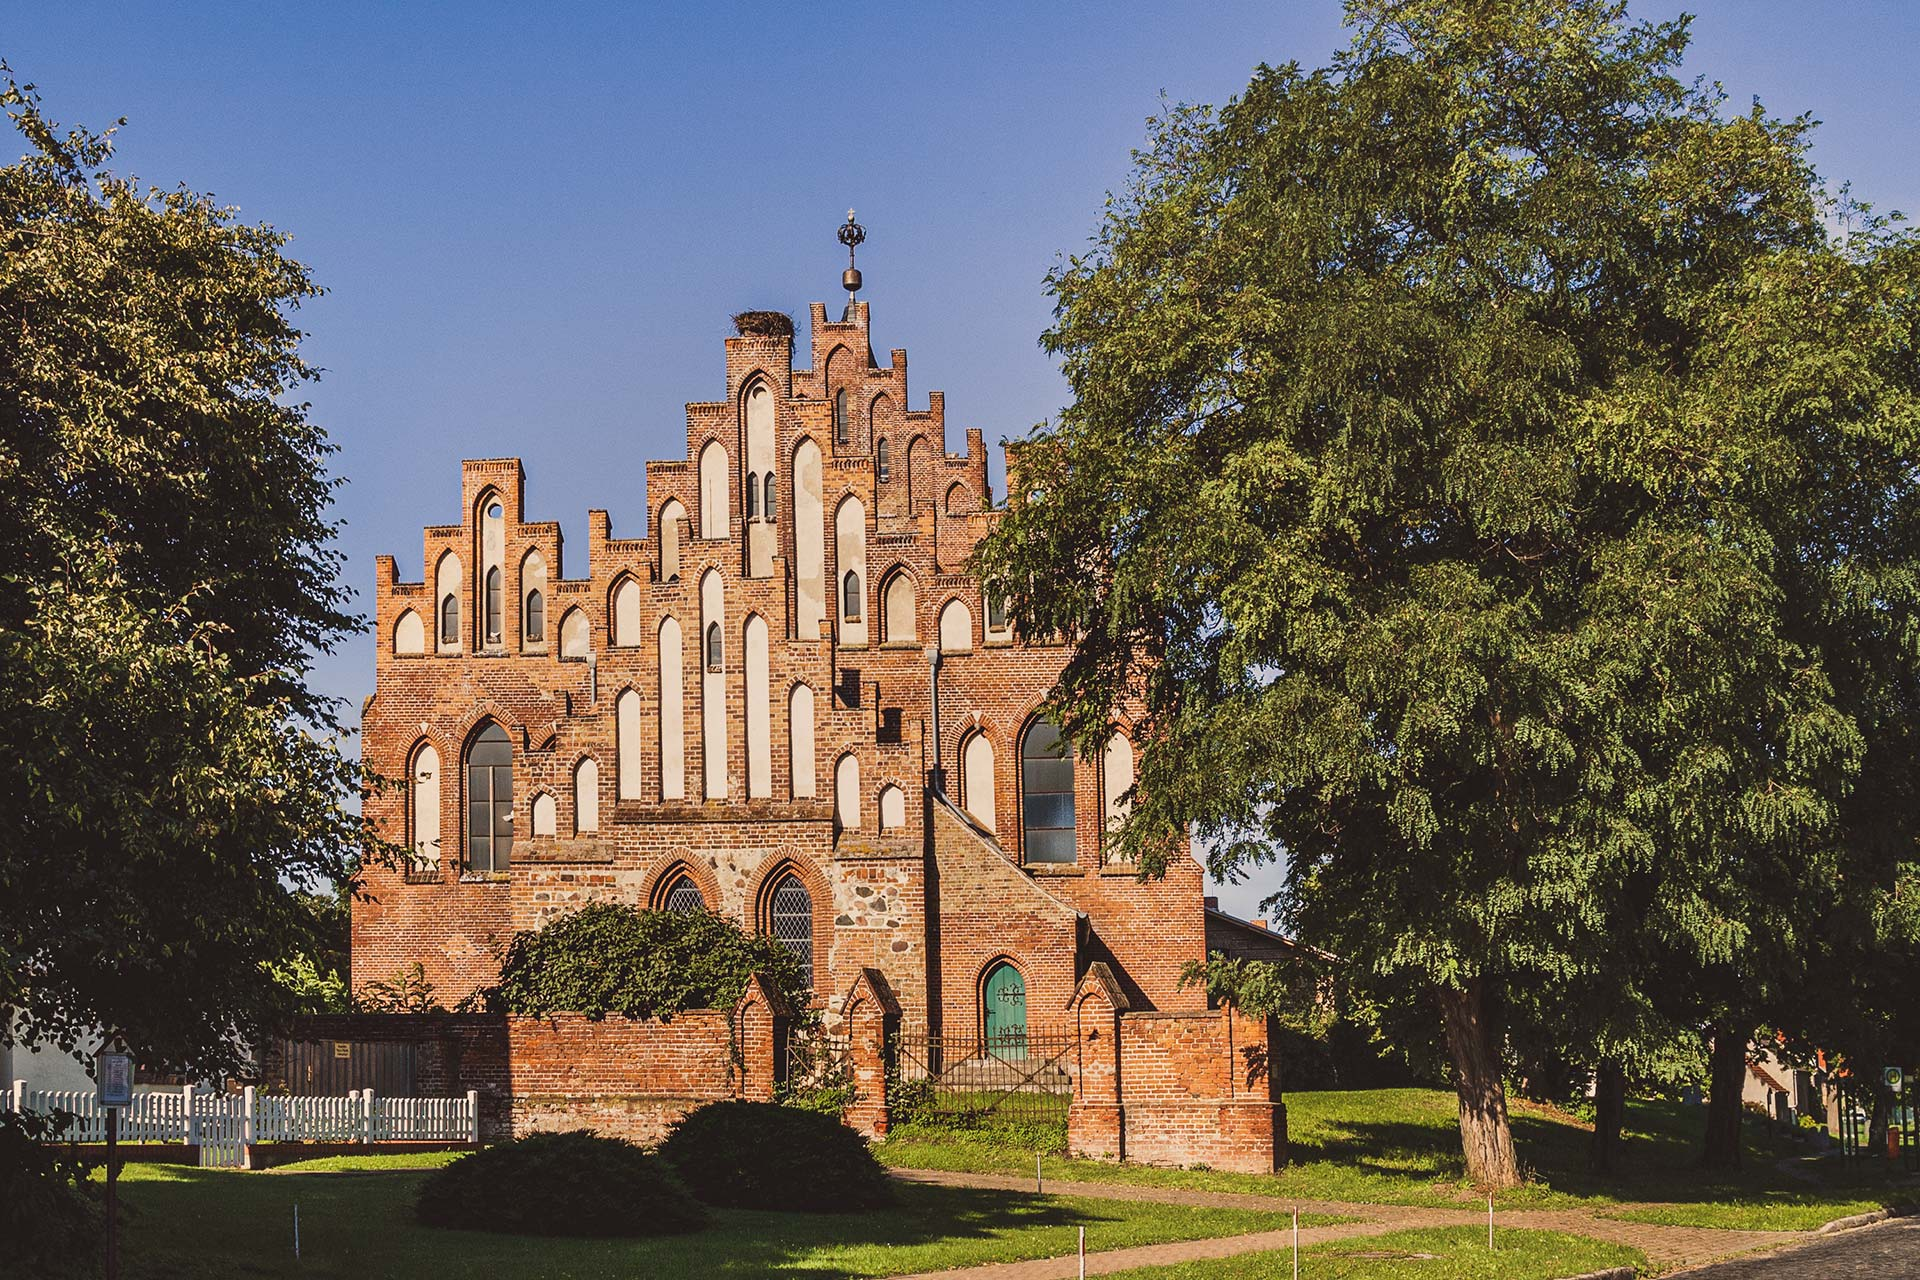 Ein Prachtbau an Kirche, der auch heute noch erahnen lässt, wie groß die Dörfer einstmals gewesen sein müssen. Hier die Kirche in Linum.